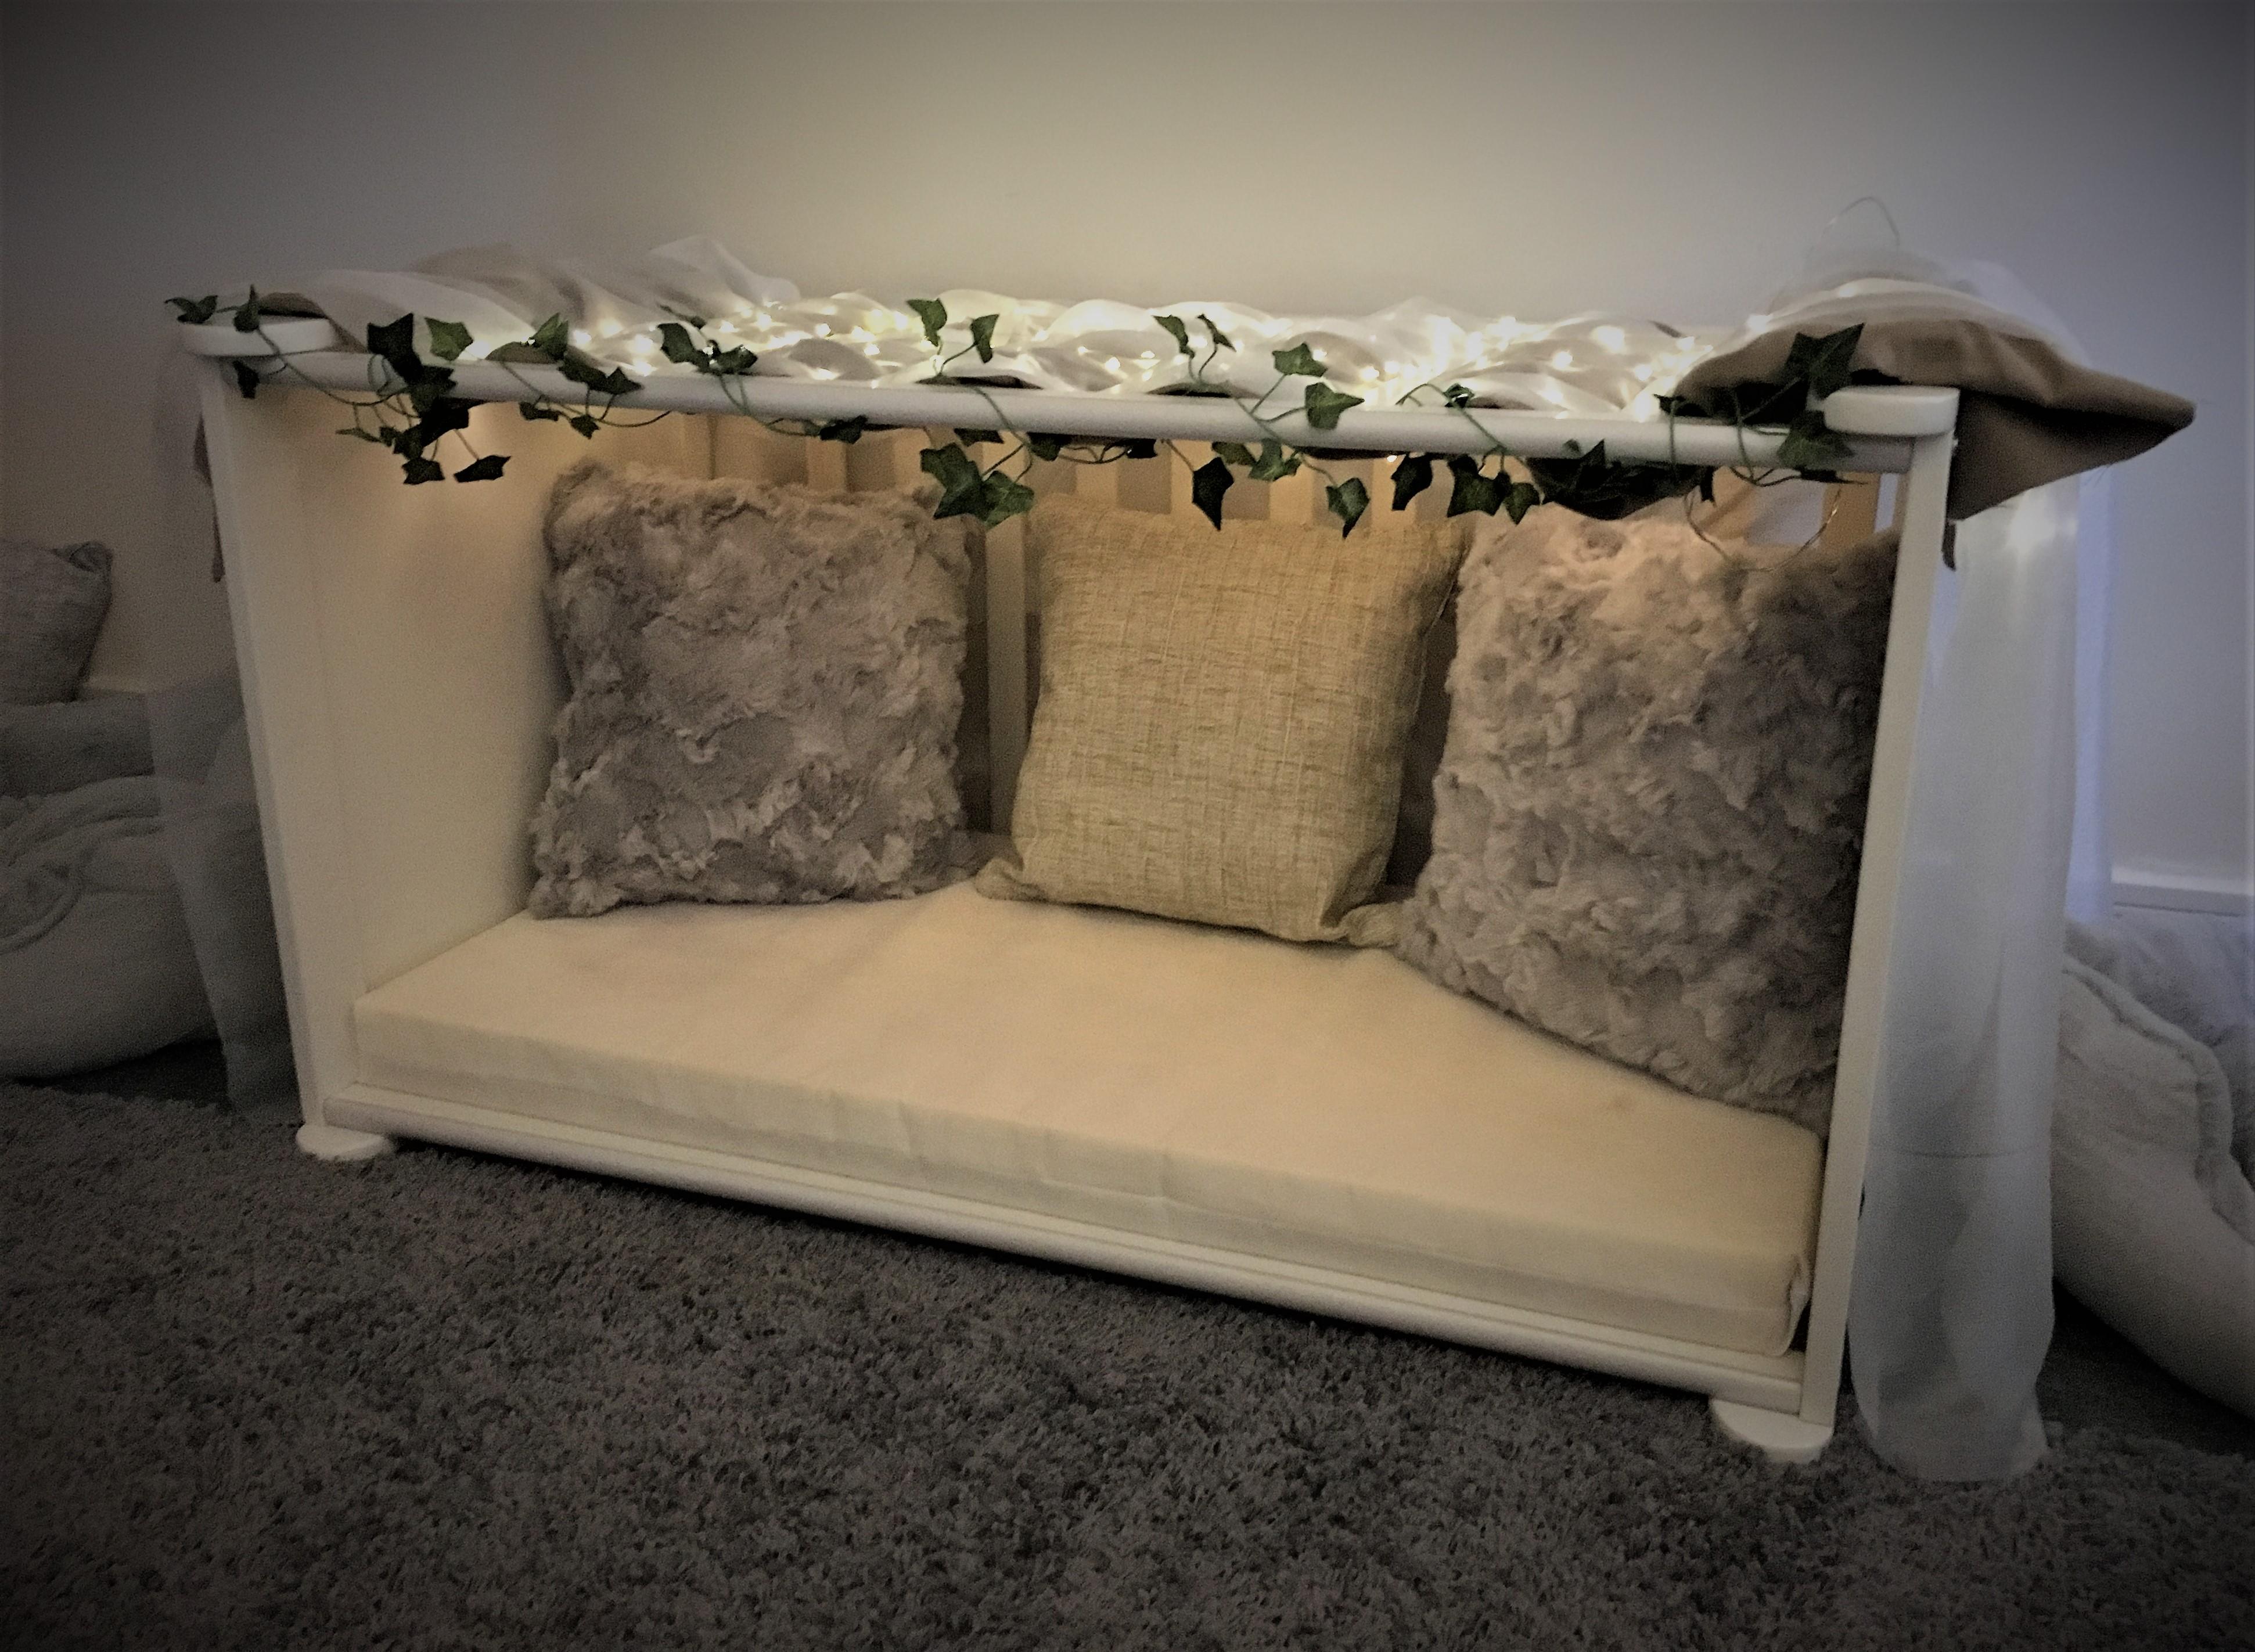 Rosedene Hemlington - Rosycheeks